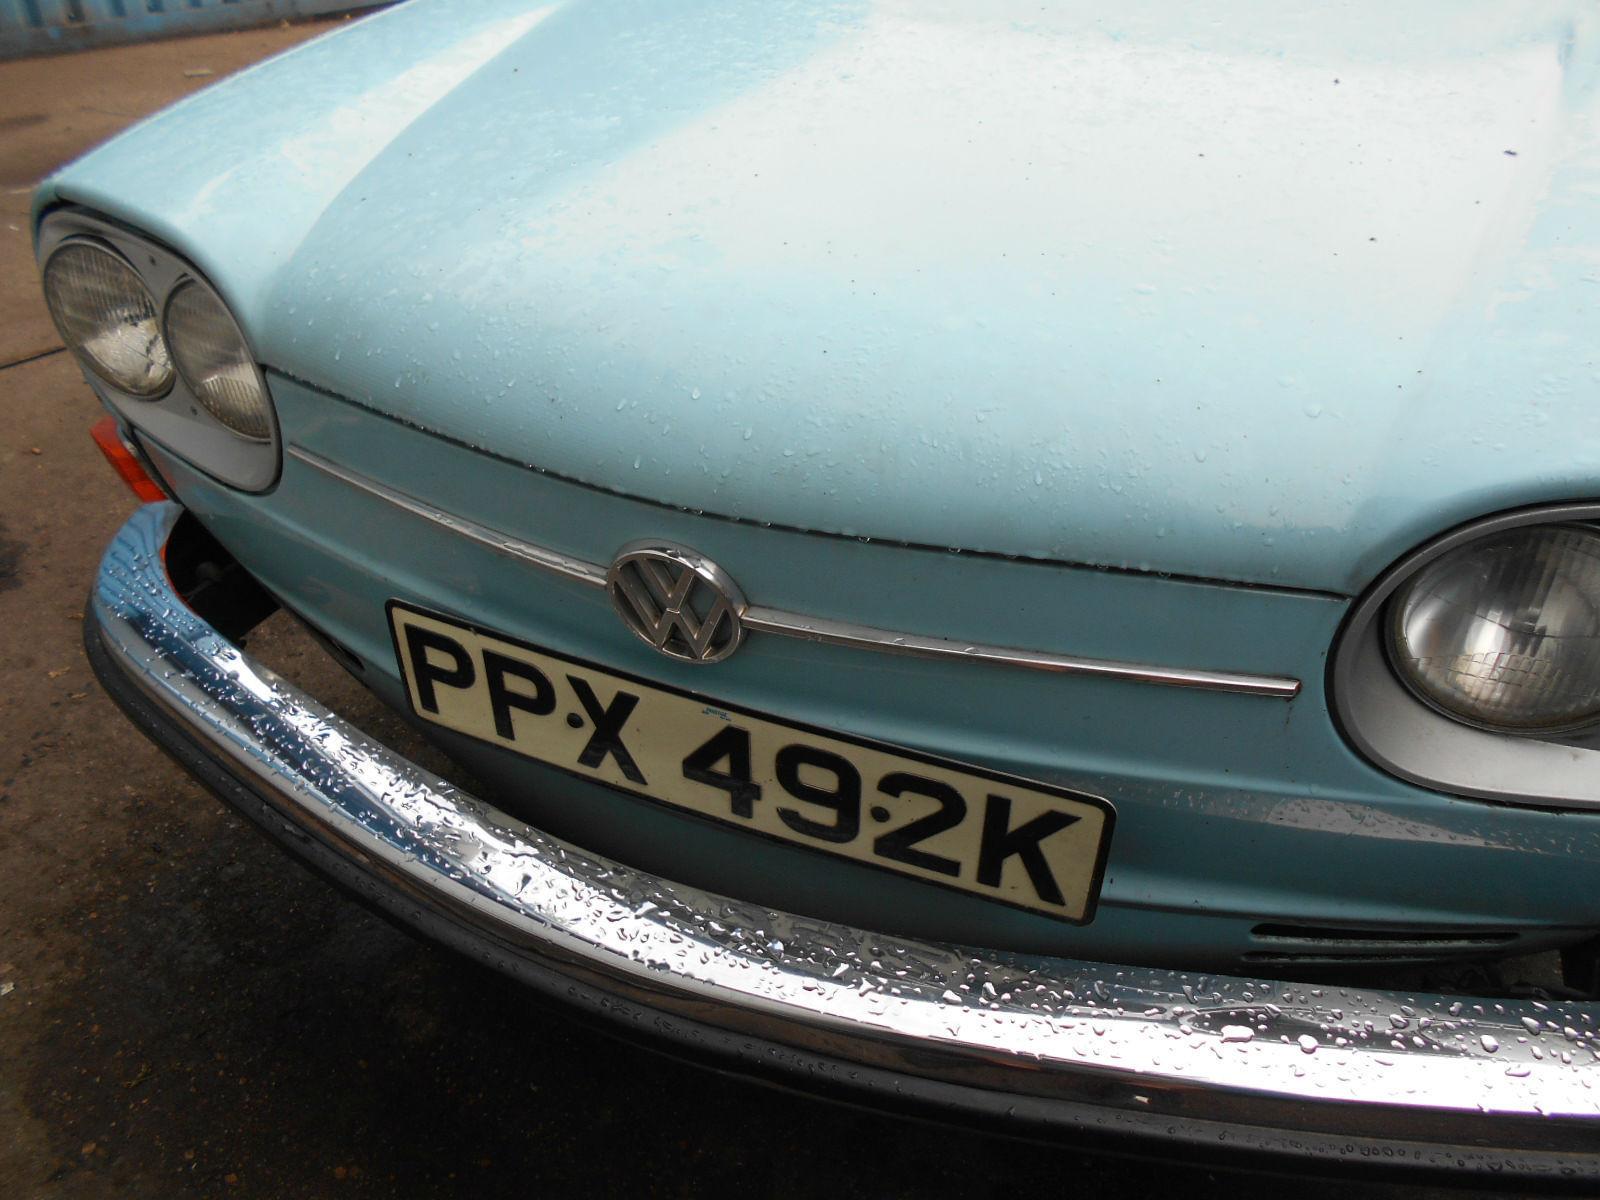 VW Variant Bonnet.JPG